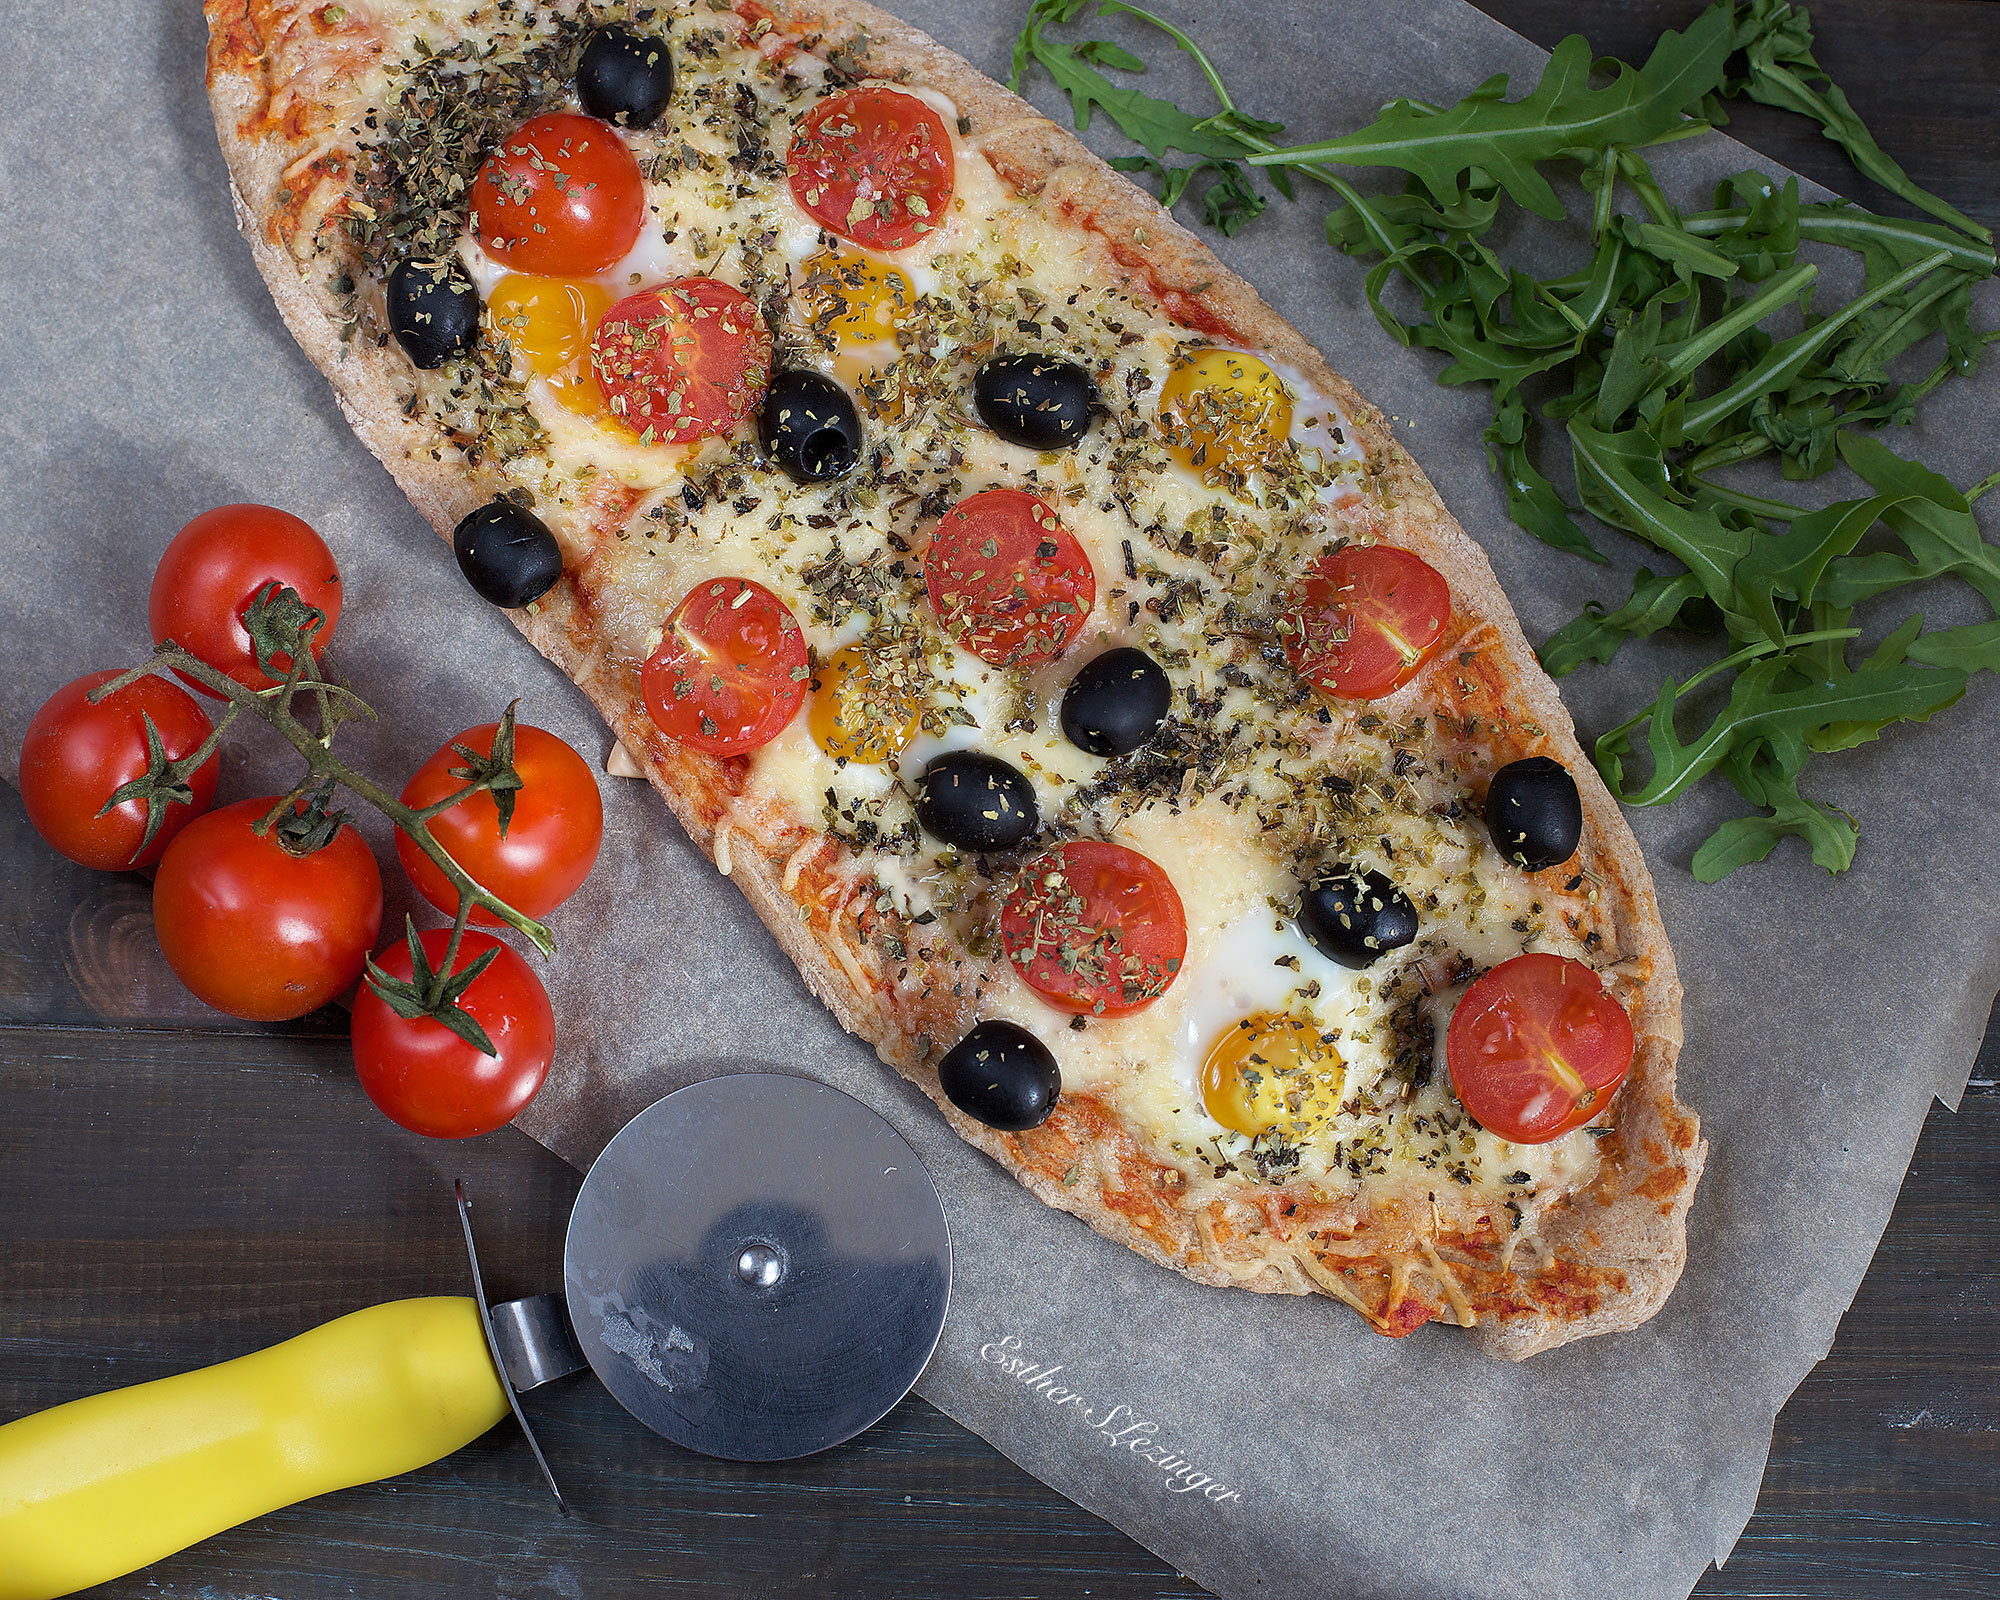 низкокалорийная пицца рецепт с фото отличная возможность избавиться